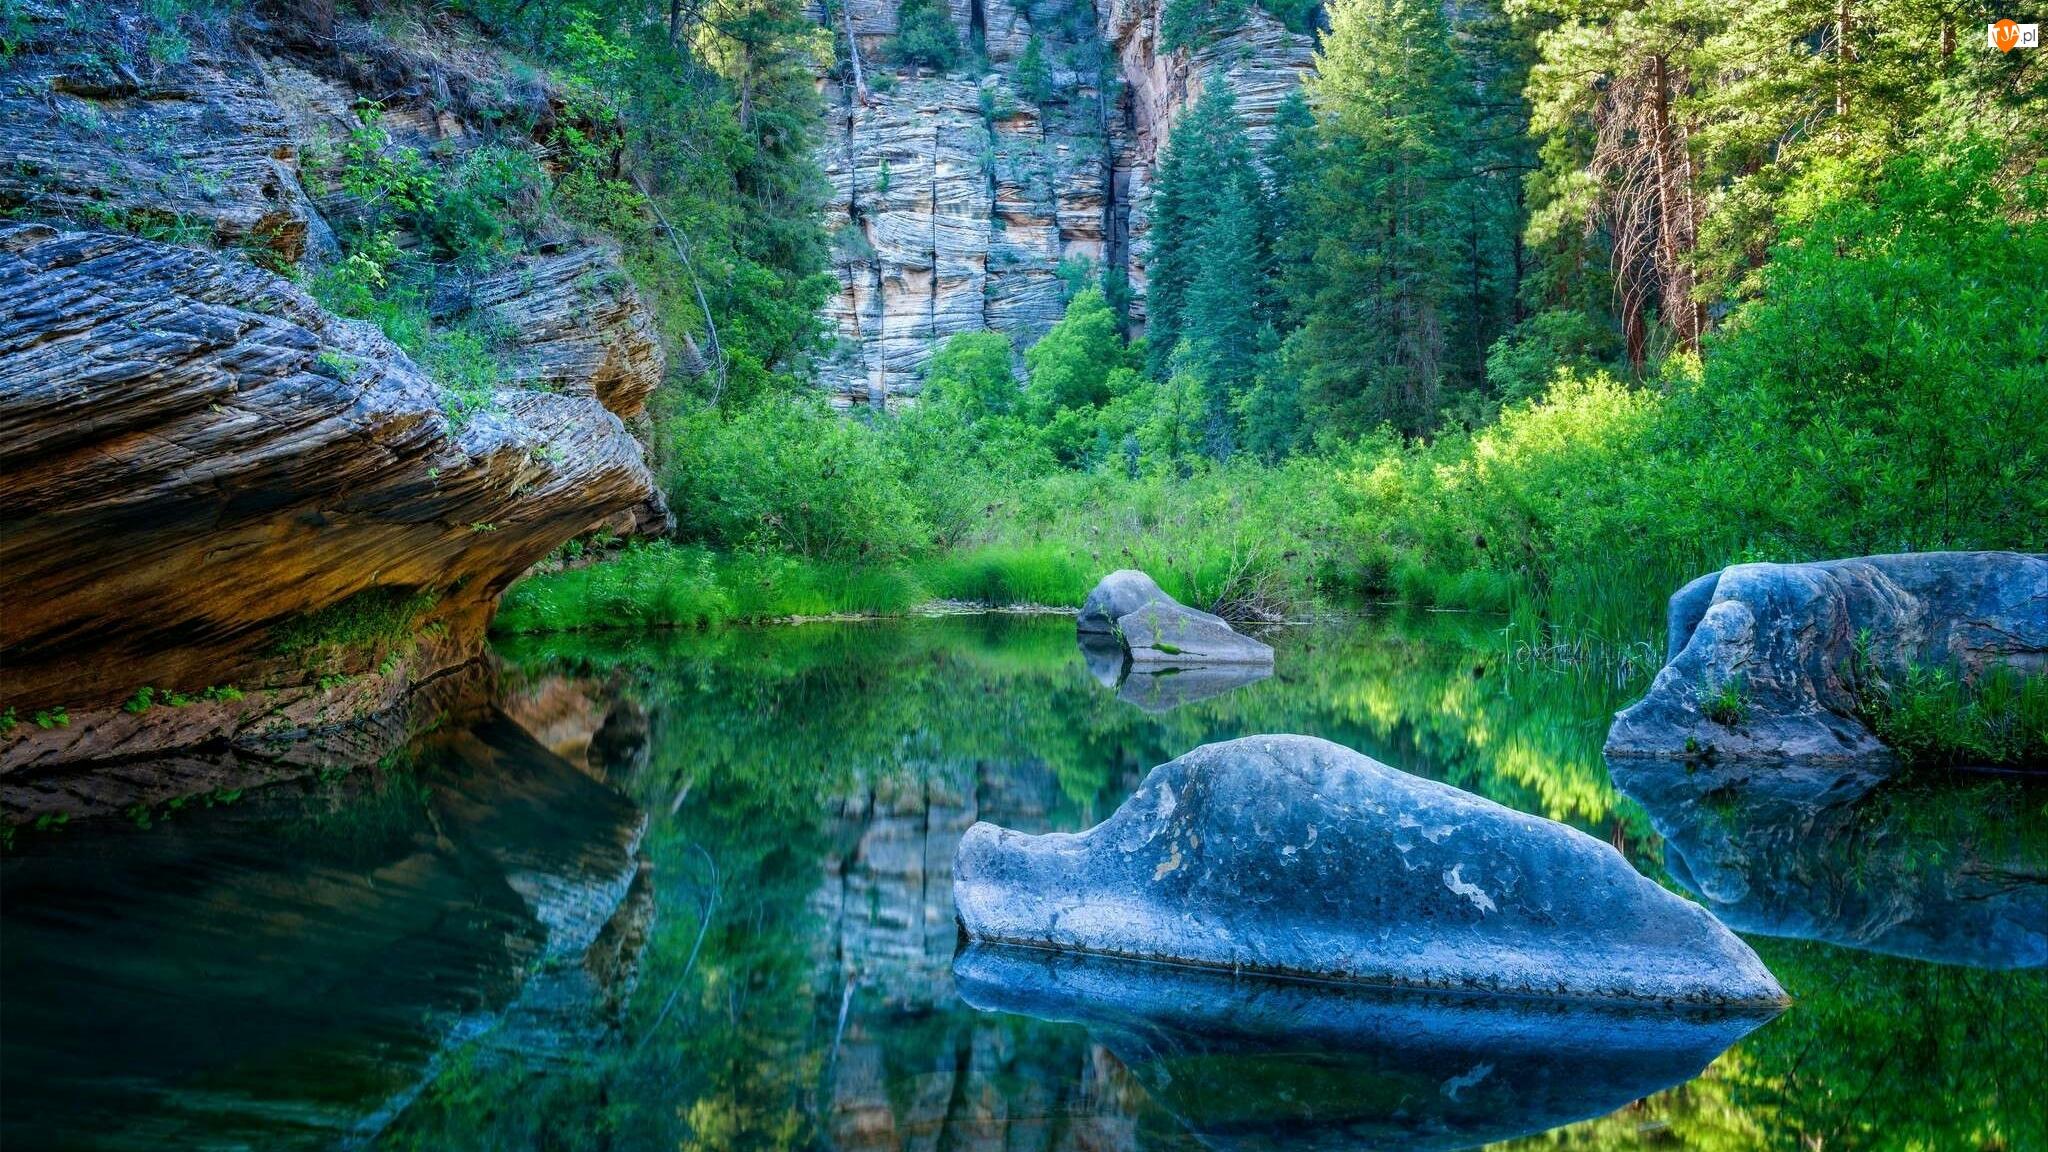 Drzewa, Rzeka Virgin, Stan Utah, Stany Zjednoczone, Skały, Park Narodowy Zion, Kamienie